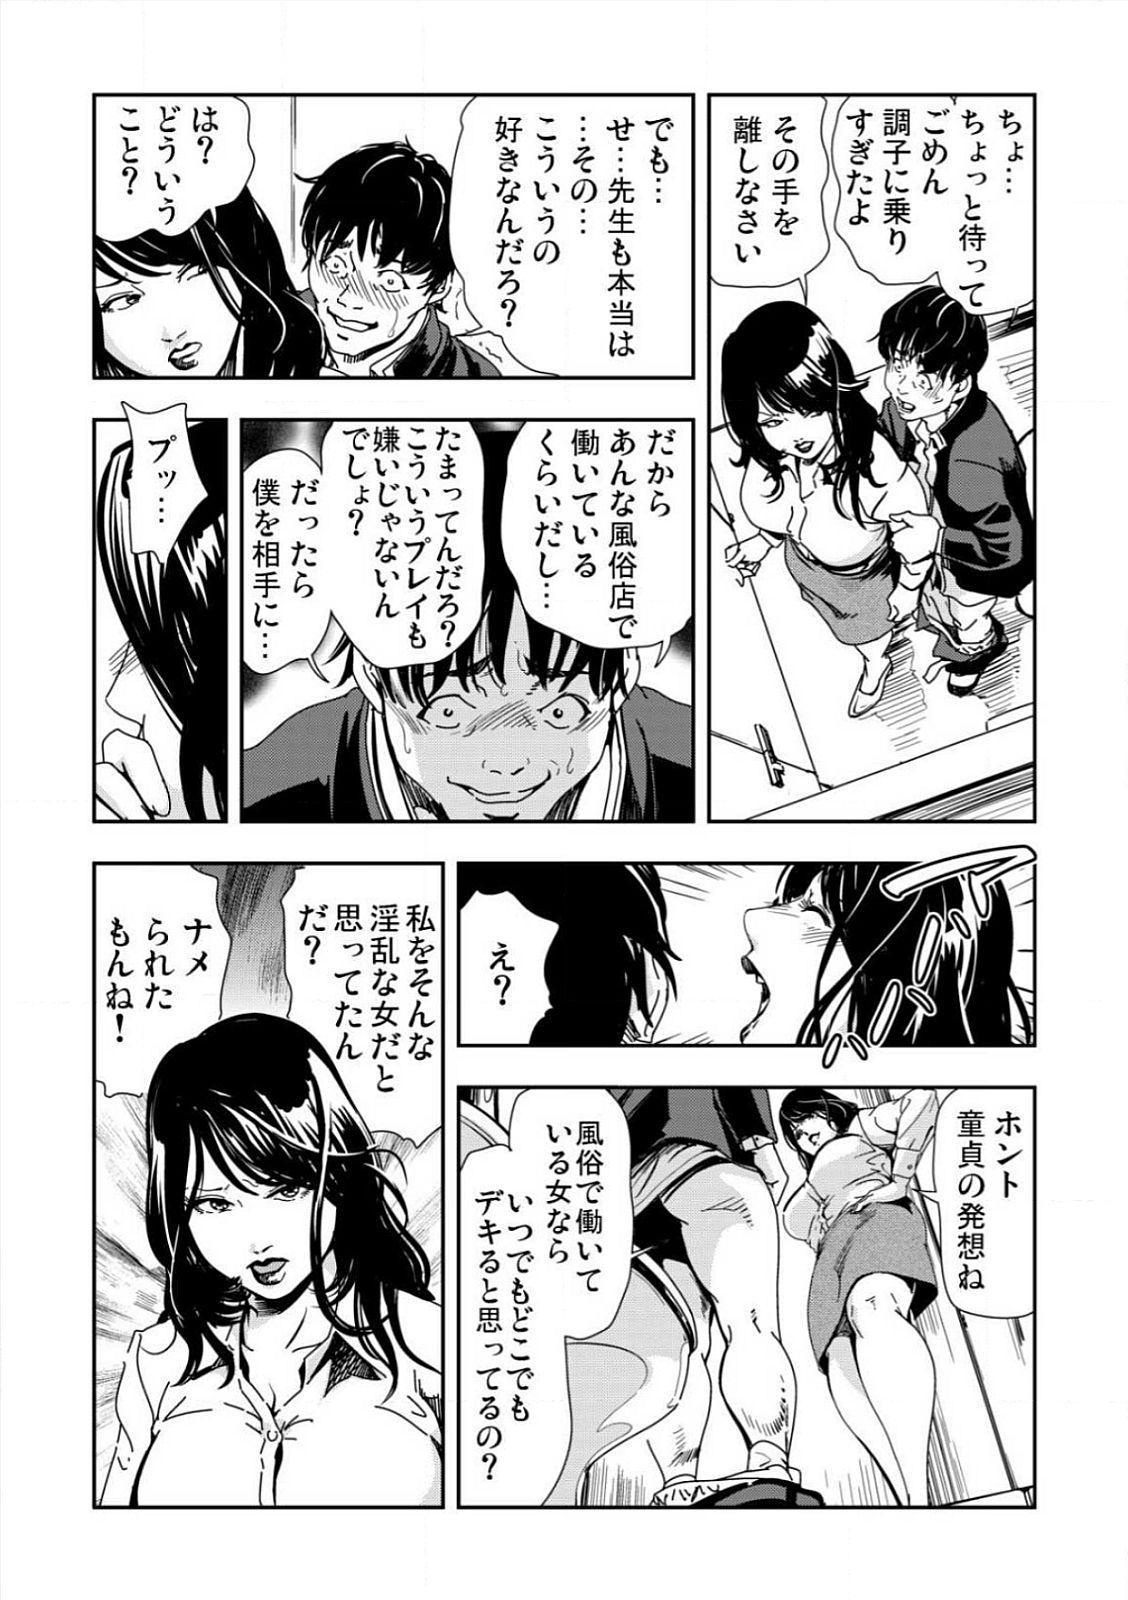 [Misaki Yukihiro] Kyousei Shidou ~Mechakucha ni Kegasarete~ (1)~(6) [Digital] 71